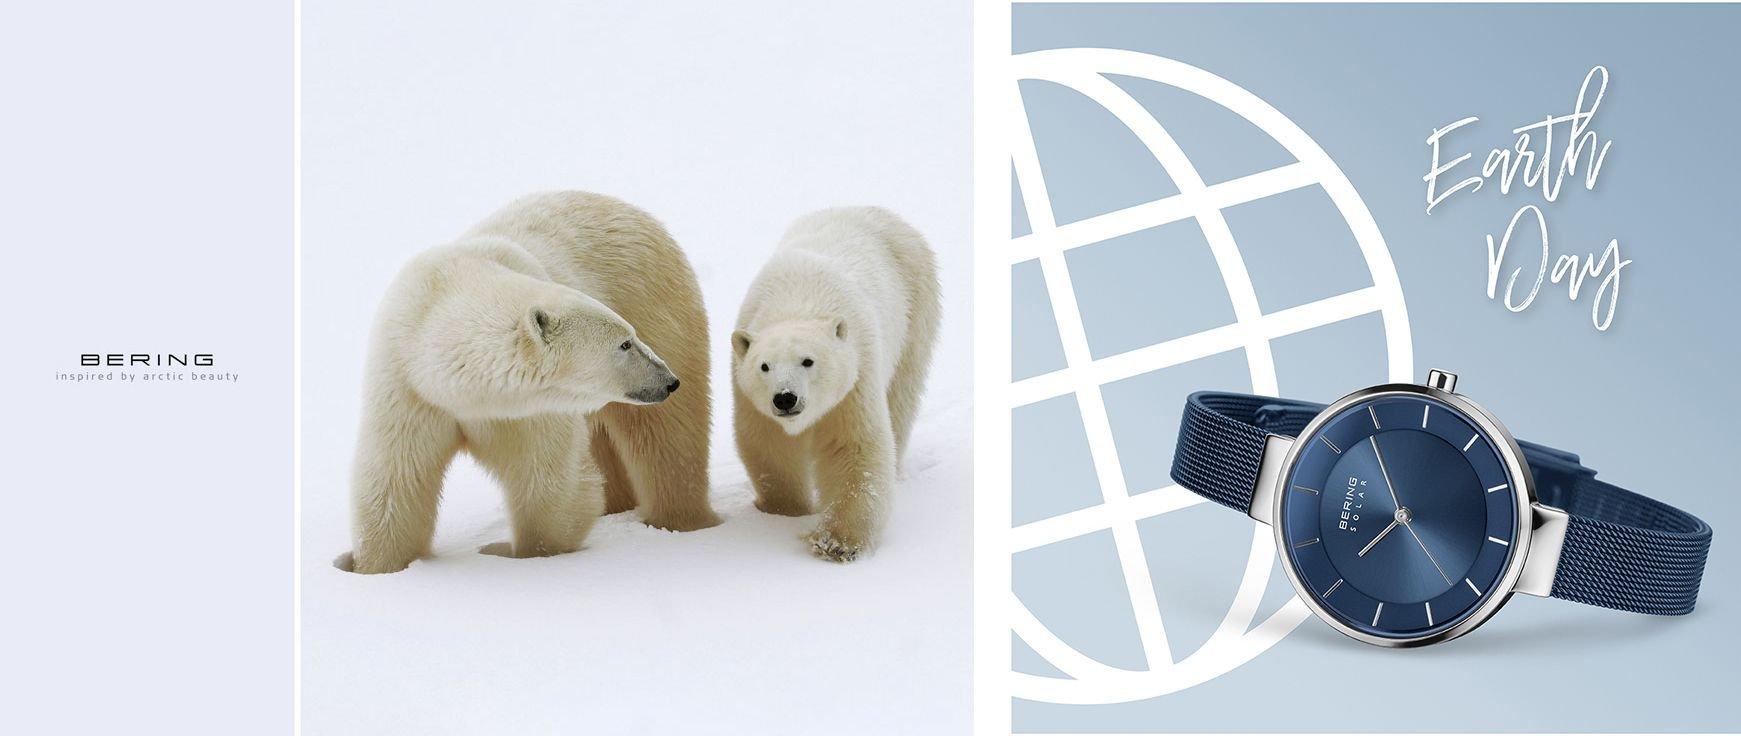 Kupując zegarek Bering pomagasz ratować niedźwiedzie polarne.